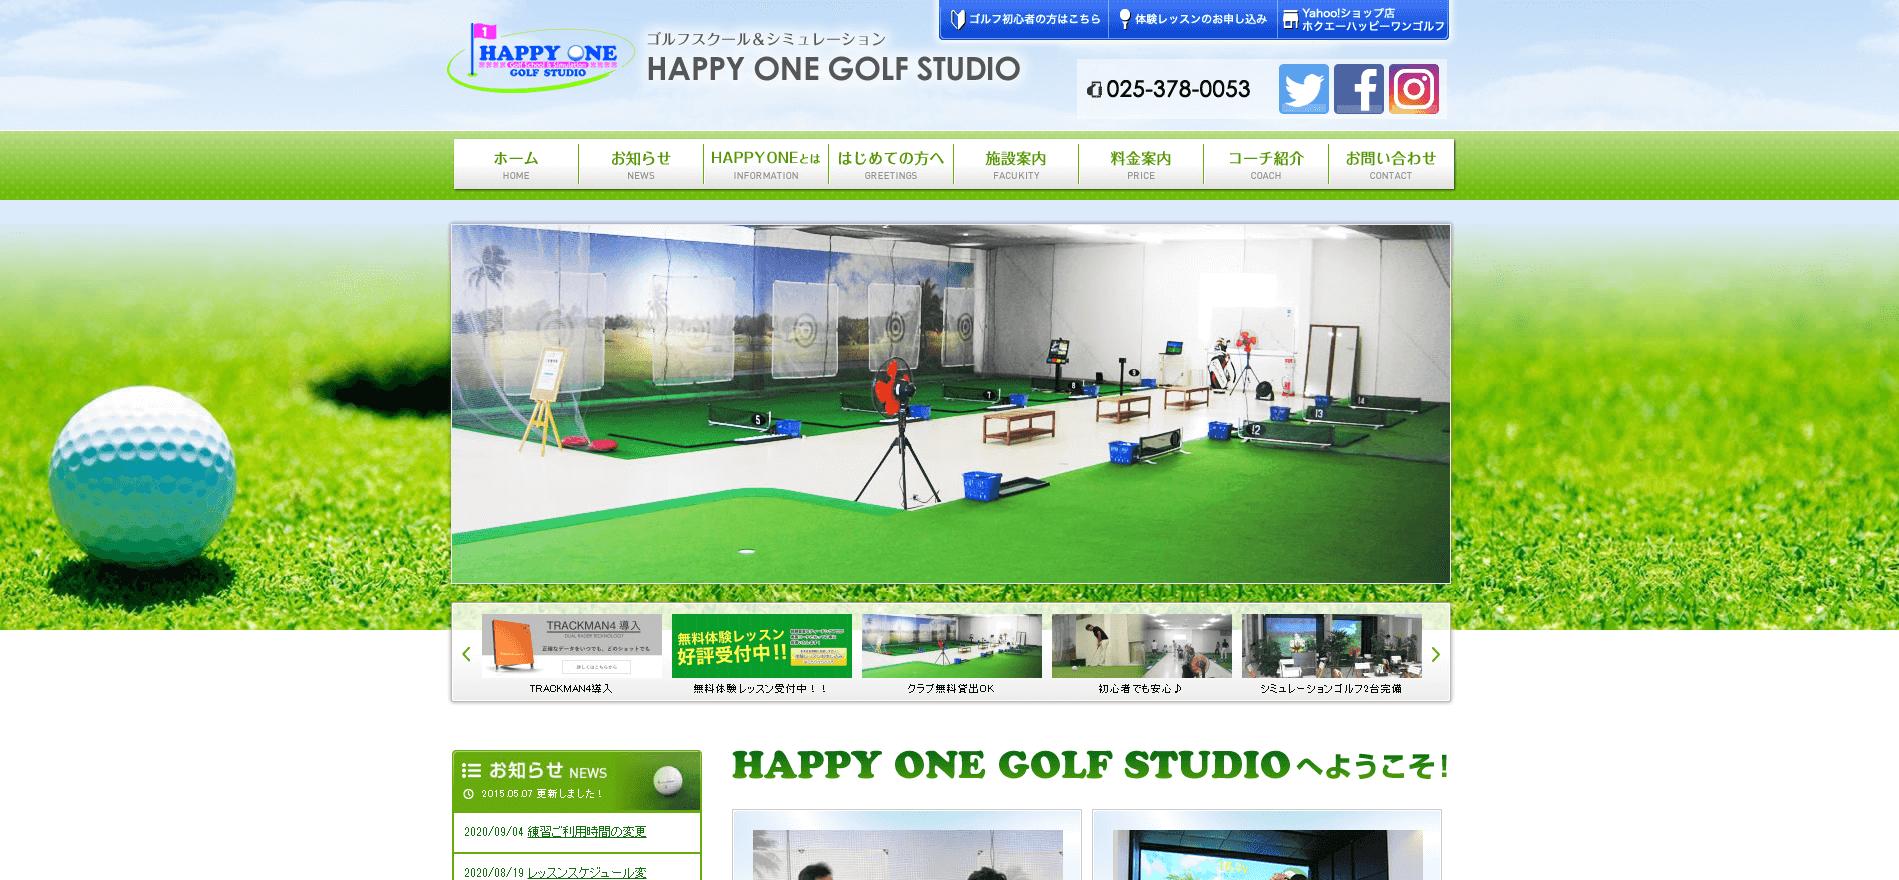 ハッピーワンゴルフスタジオの画像1